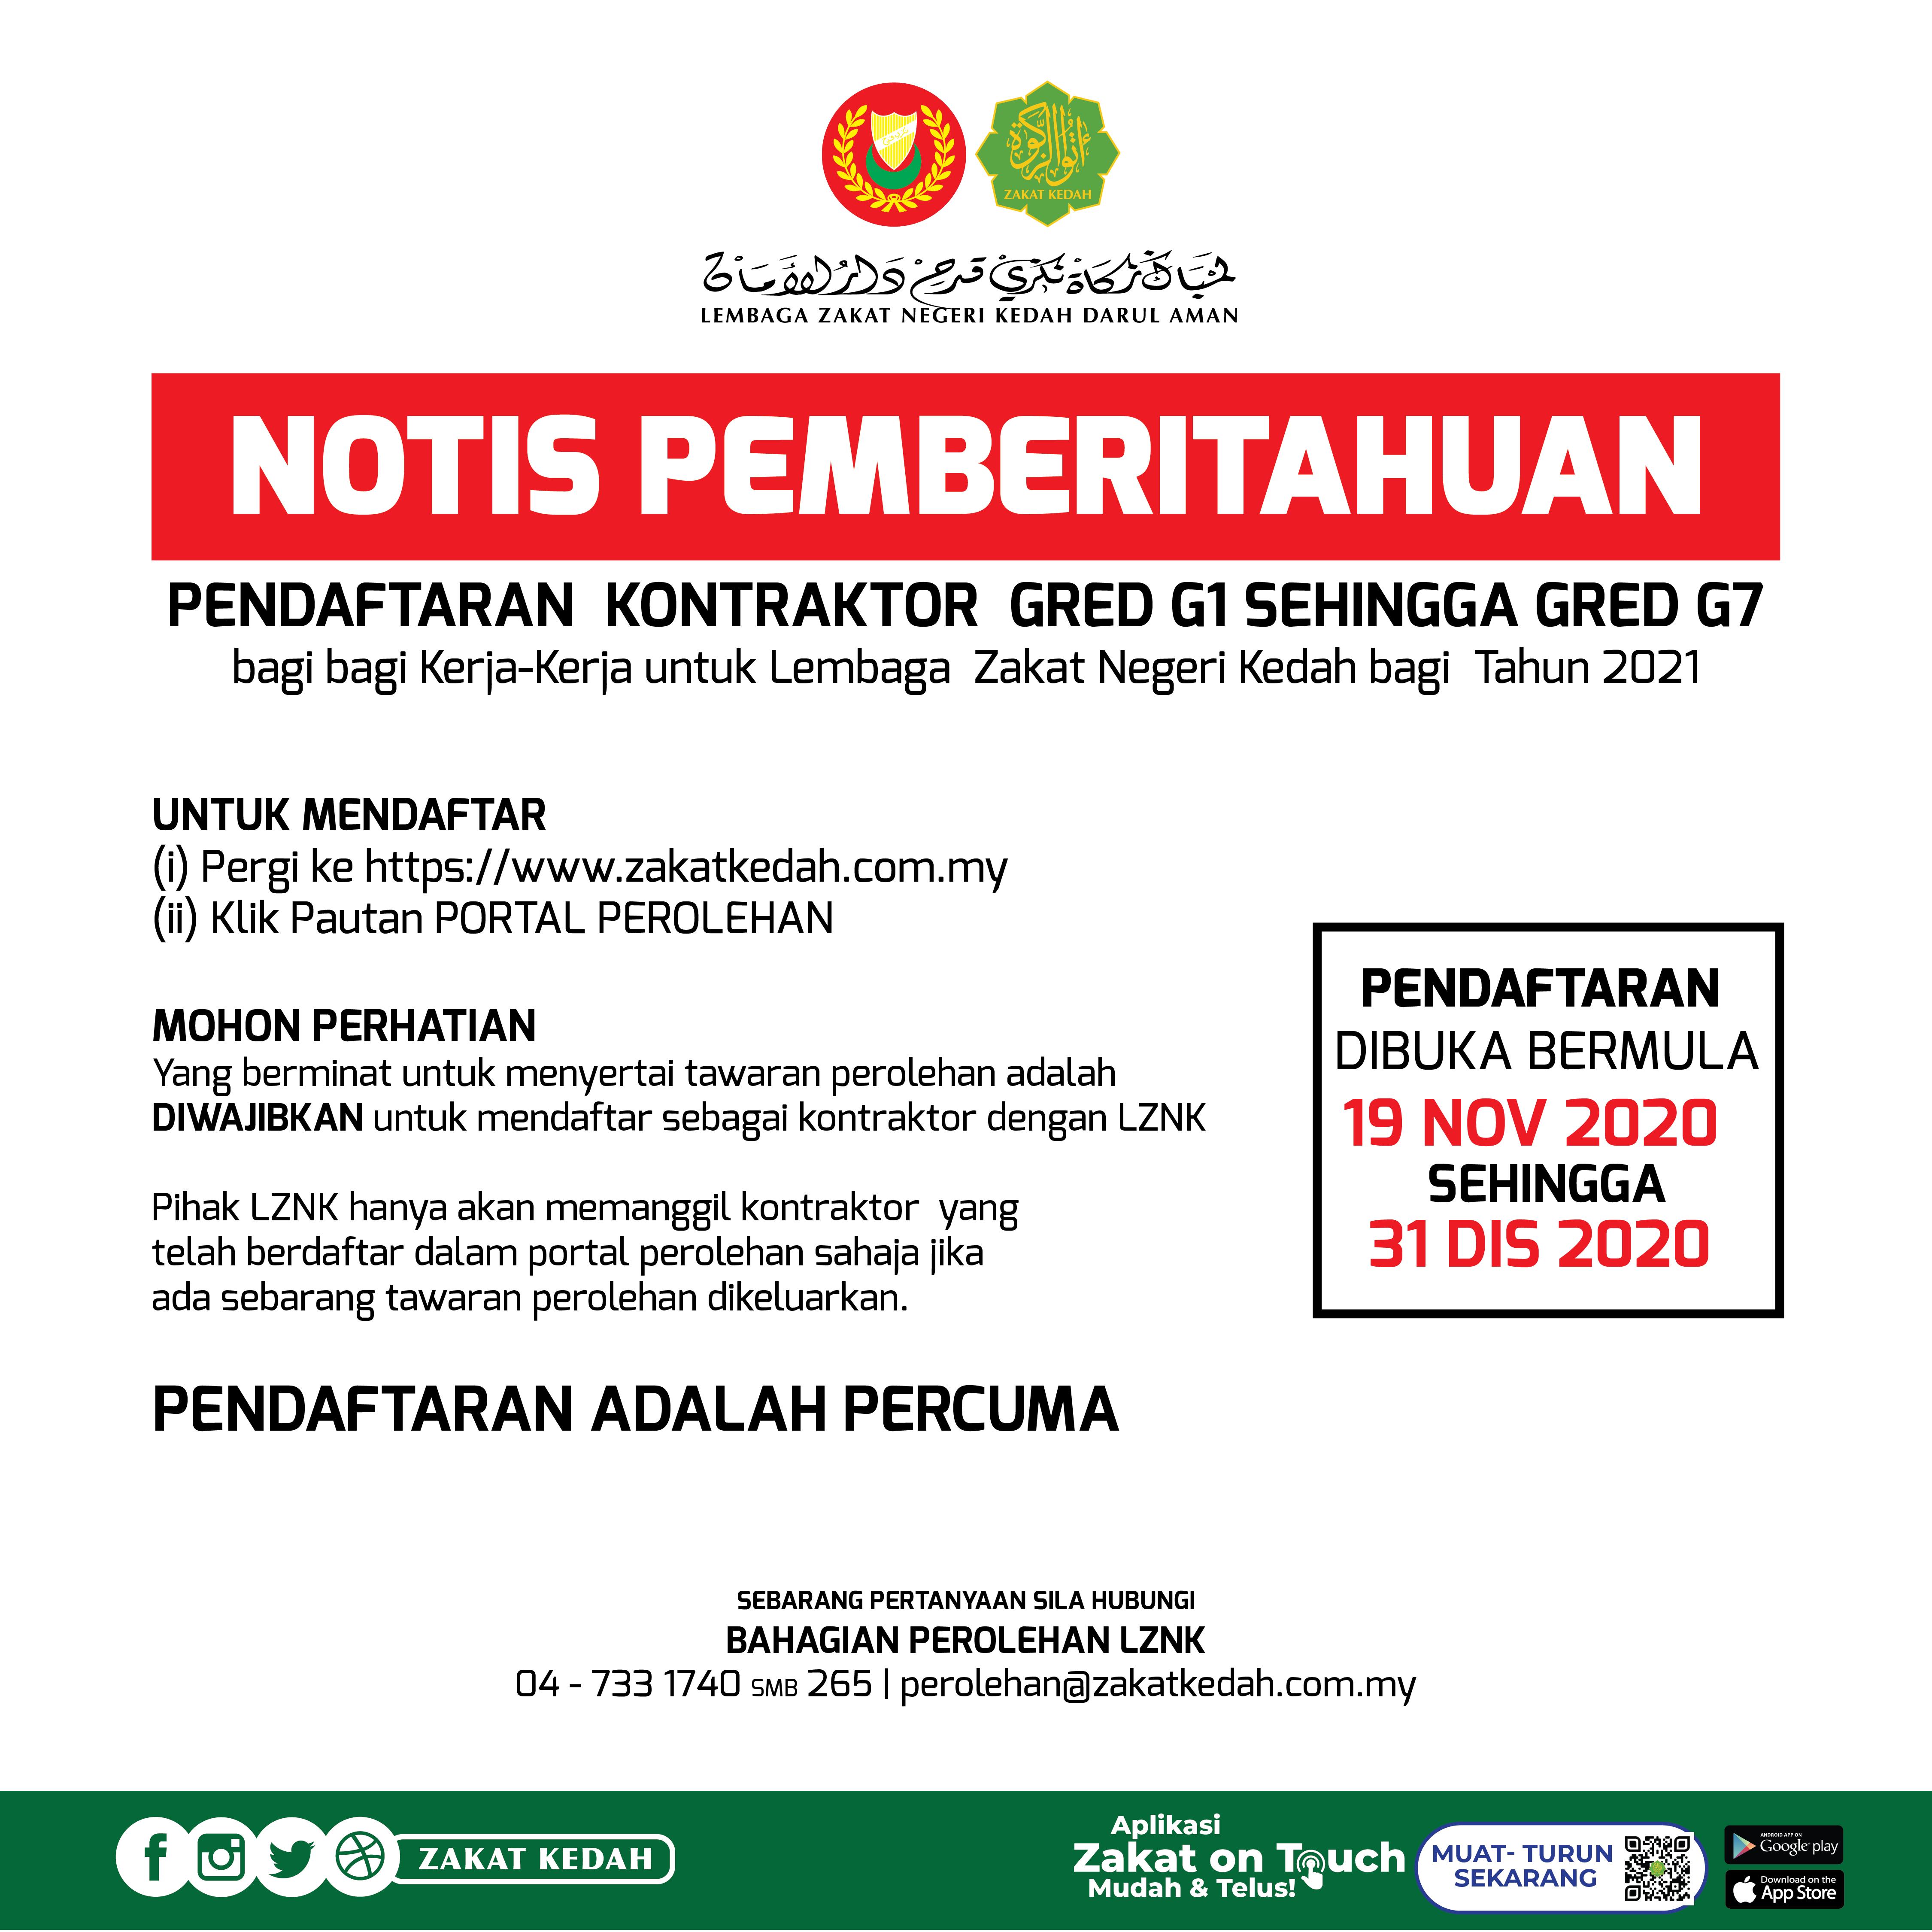 Lembaga Zakat Negeri Kedah Darul Aman Berzakat Membawa Berkat